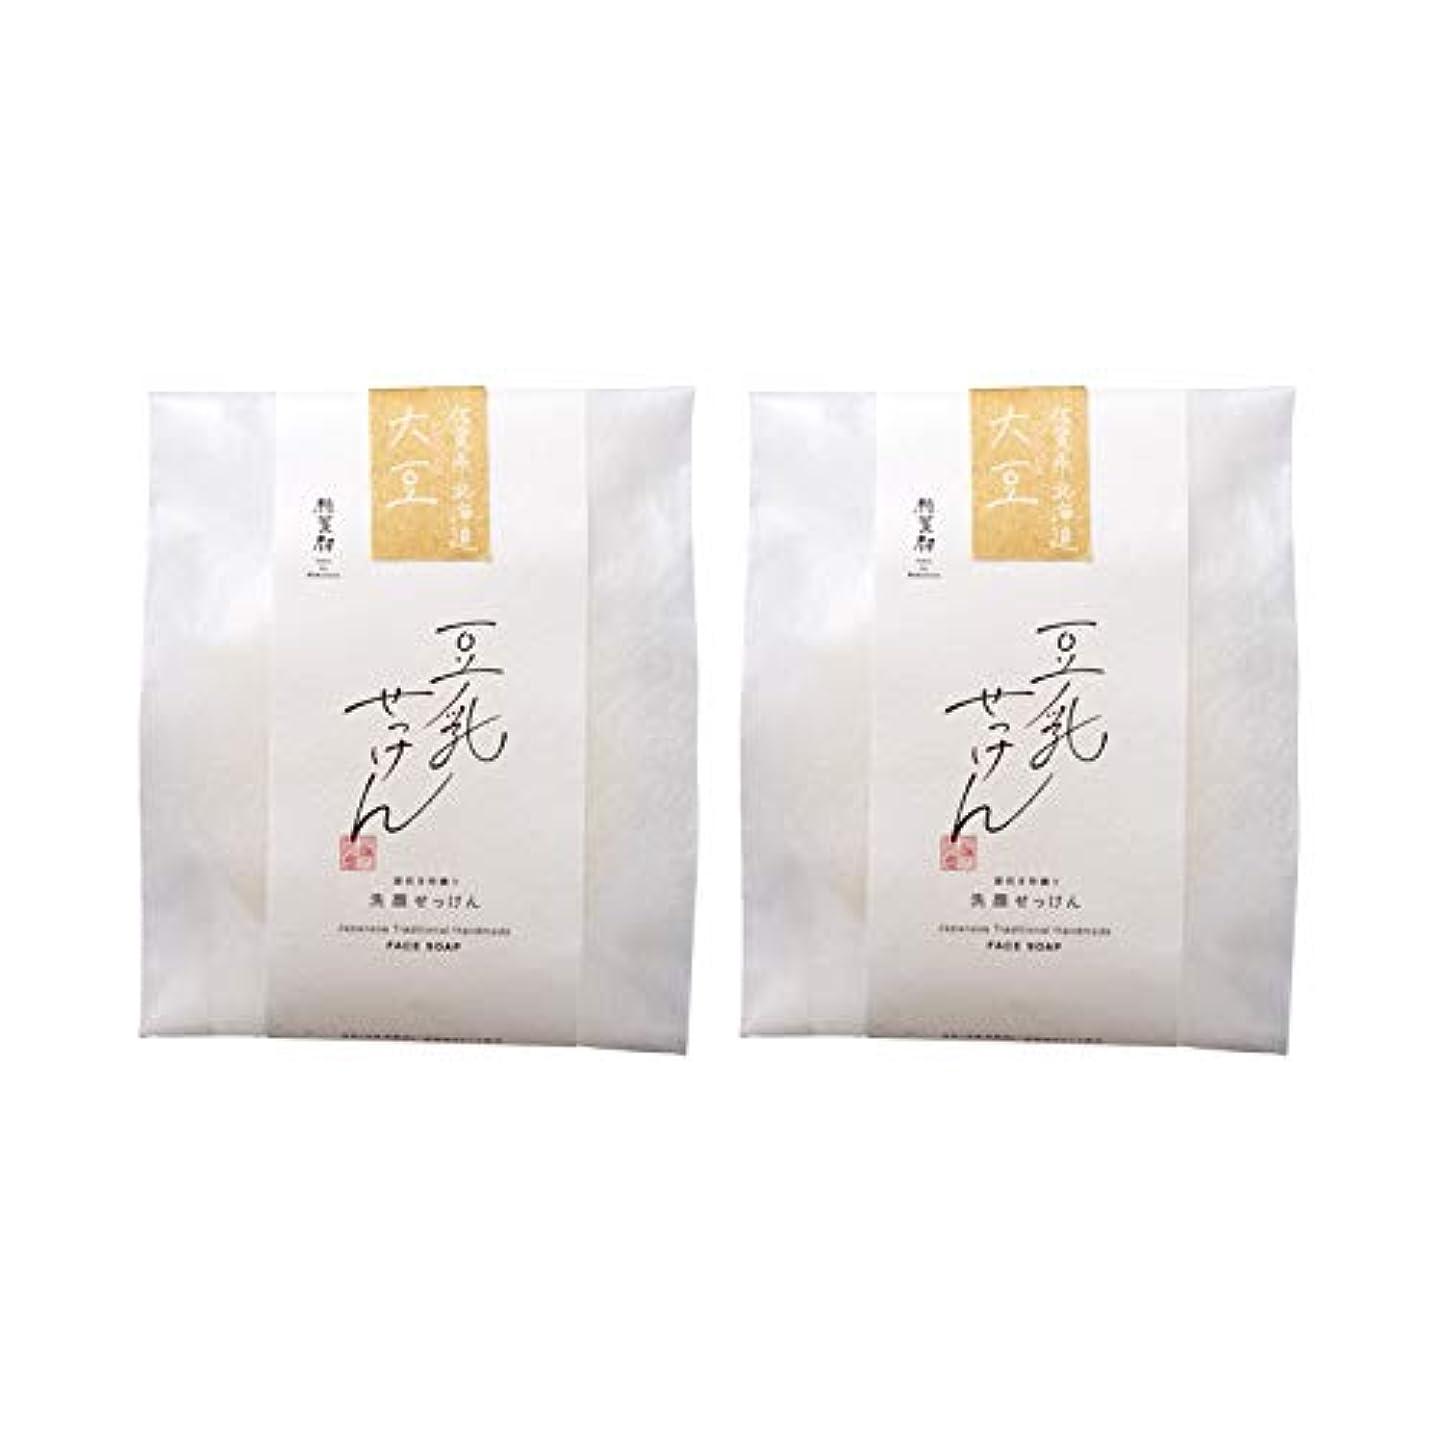 インストール雰囲気インペリアル豆腐の盛田屋 豆乳せっけん 自然生活 100g×2個セット